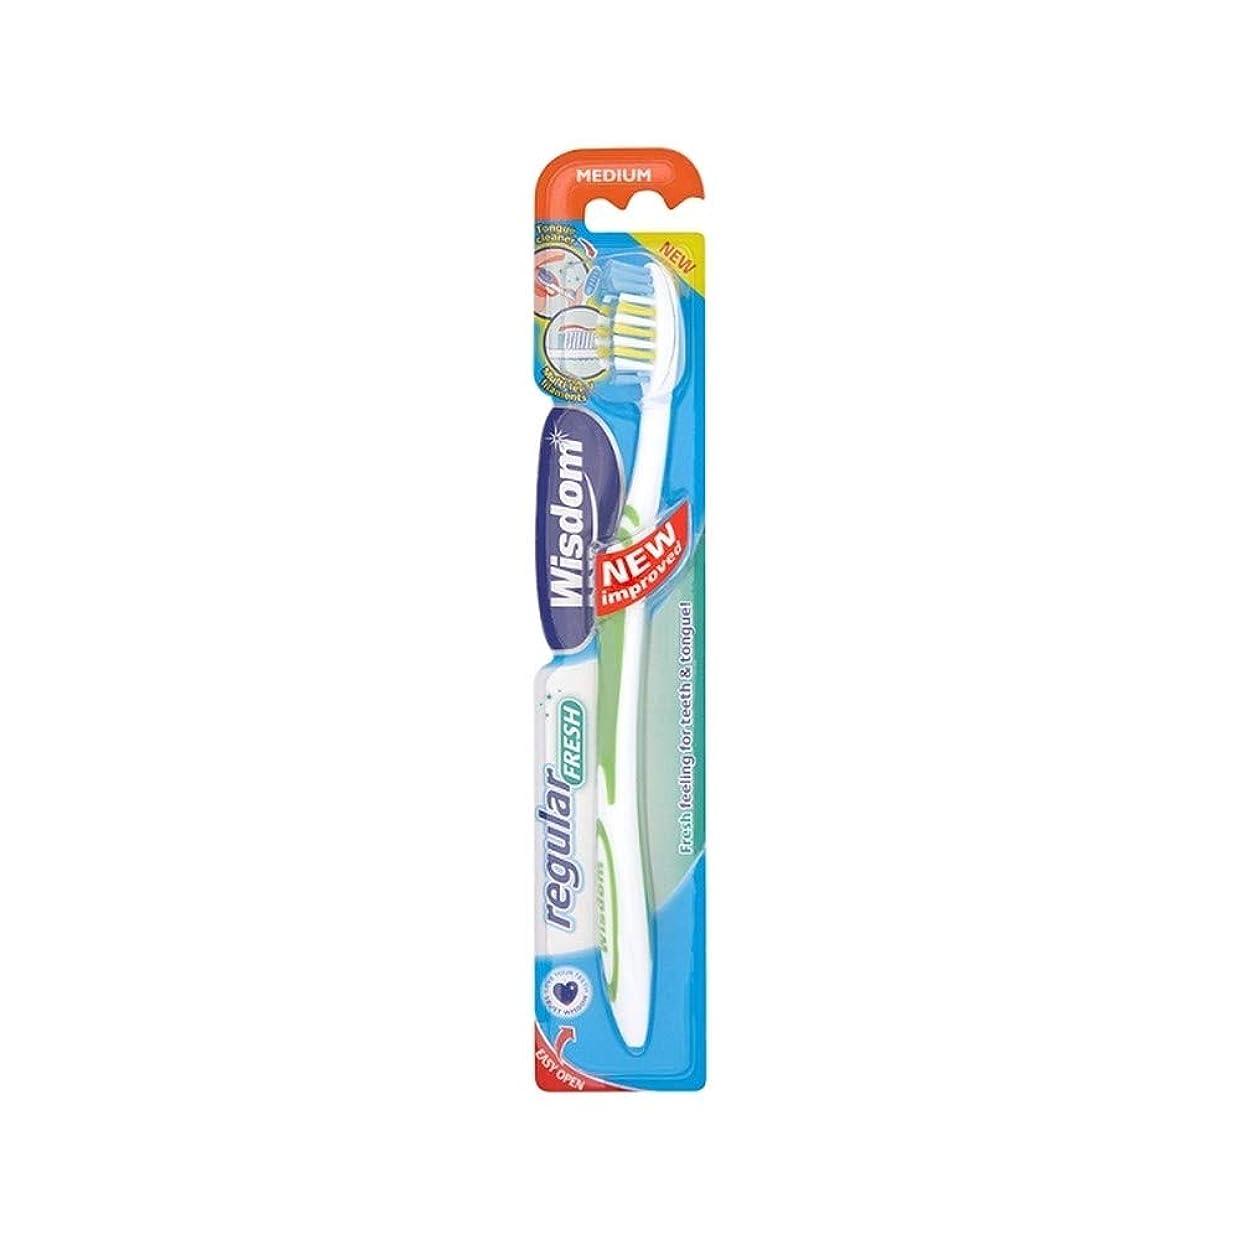 患者書き込みの配列[Wisdom ] 12の知恵定期的に新鮮な培地歯ブラシパック - Wisdom Regular Fresh Medium Toothbrush Pack of 12 [並行輸入品]